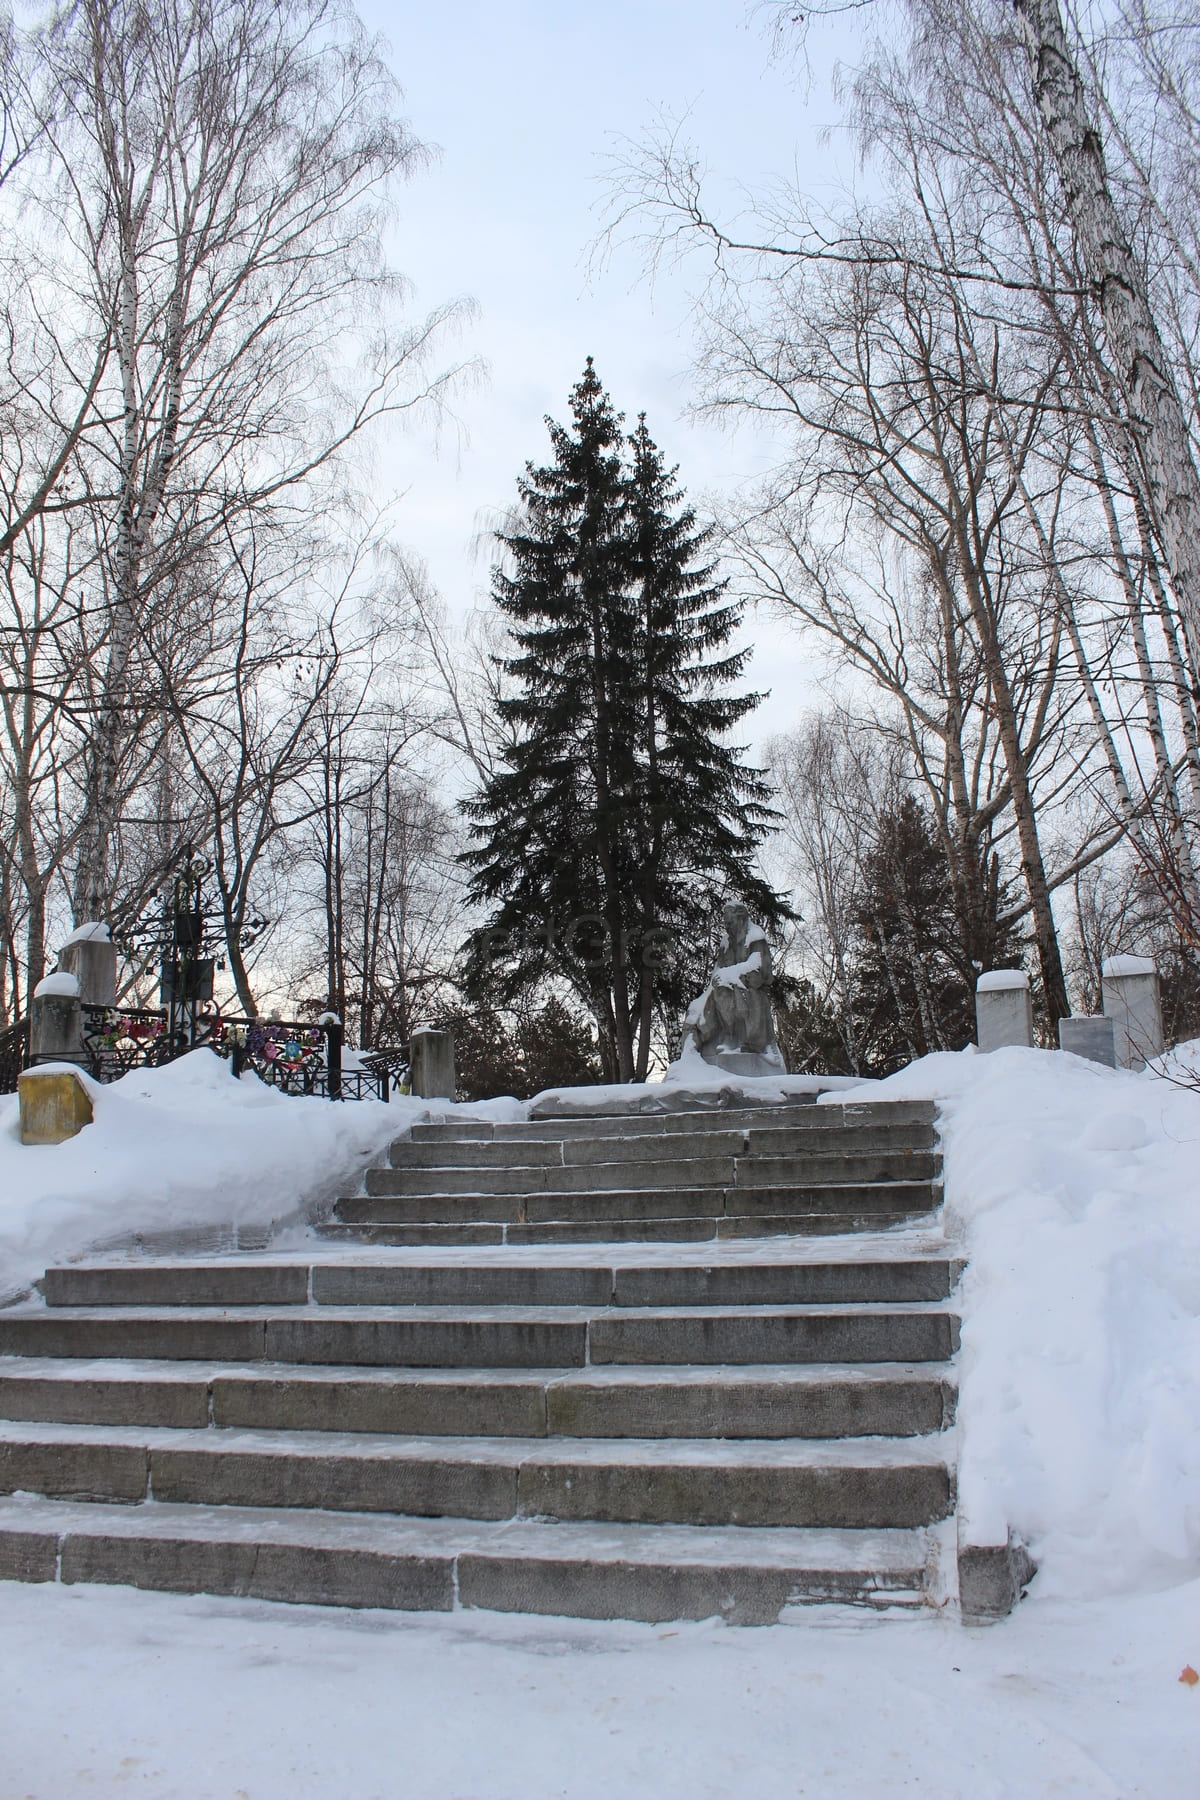 Бажов - Уральский писатель, памятник которому установлен на Ивановском кладбище в Екатеринбурге